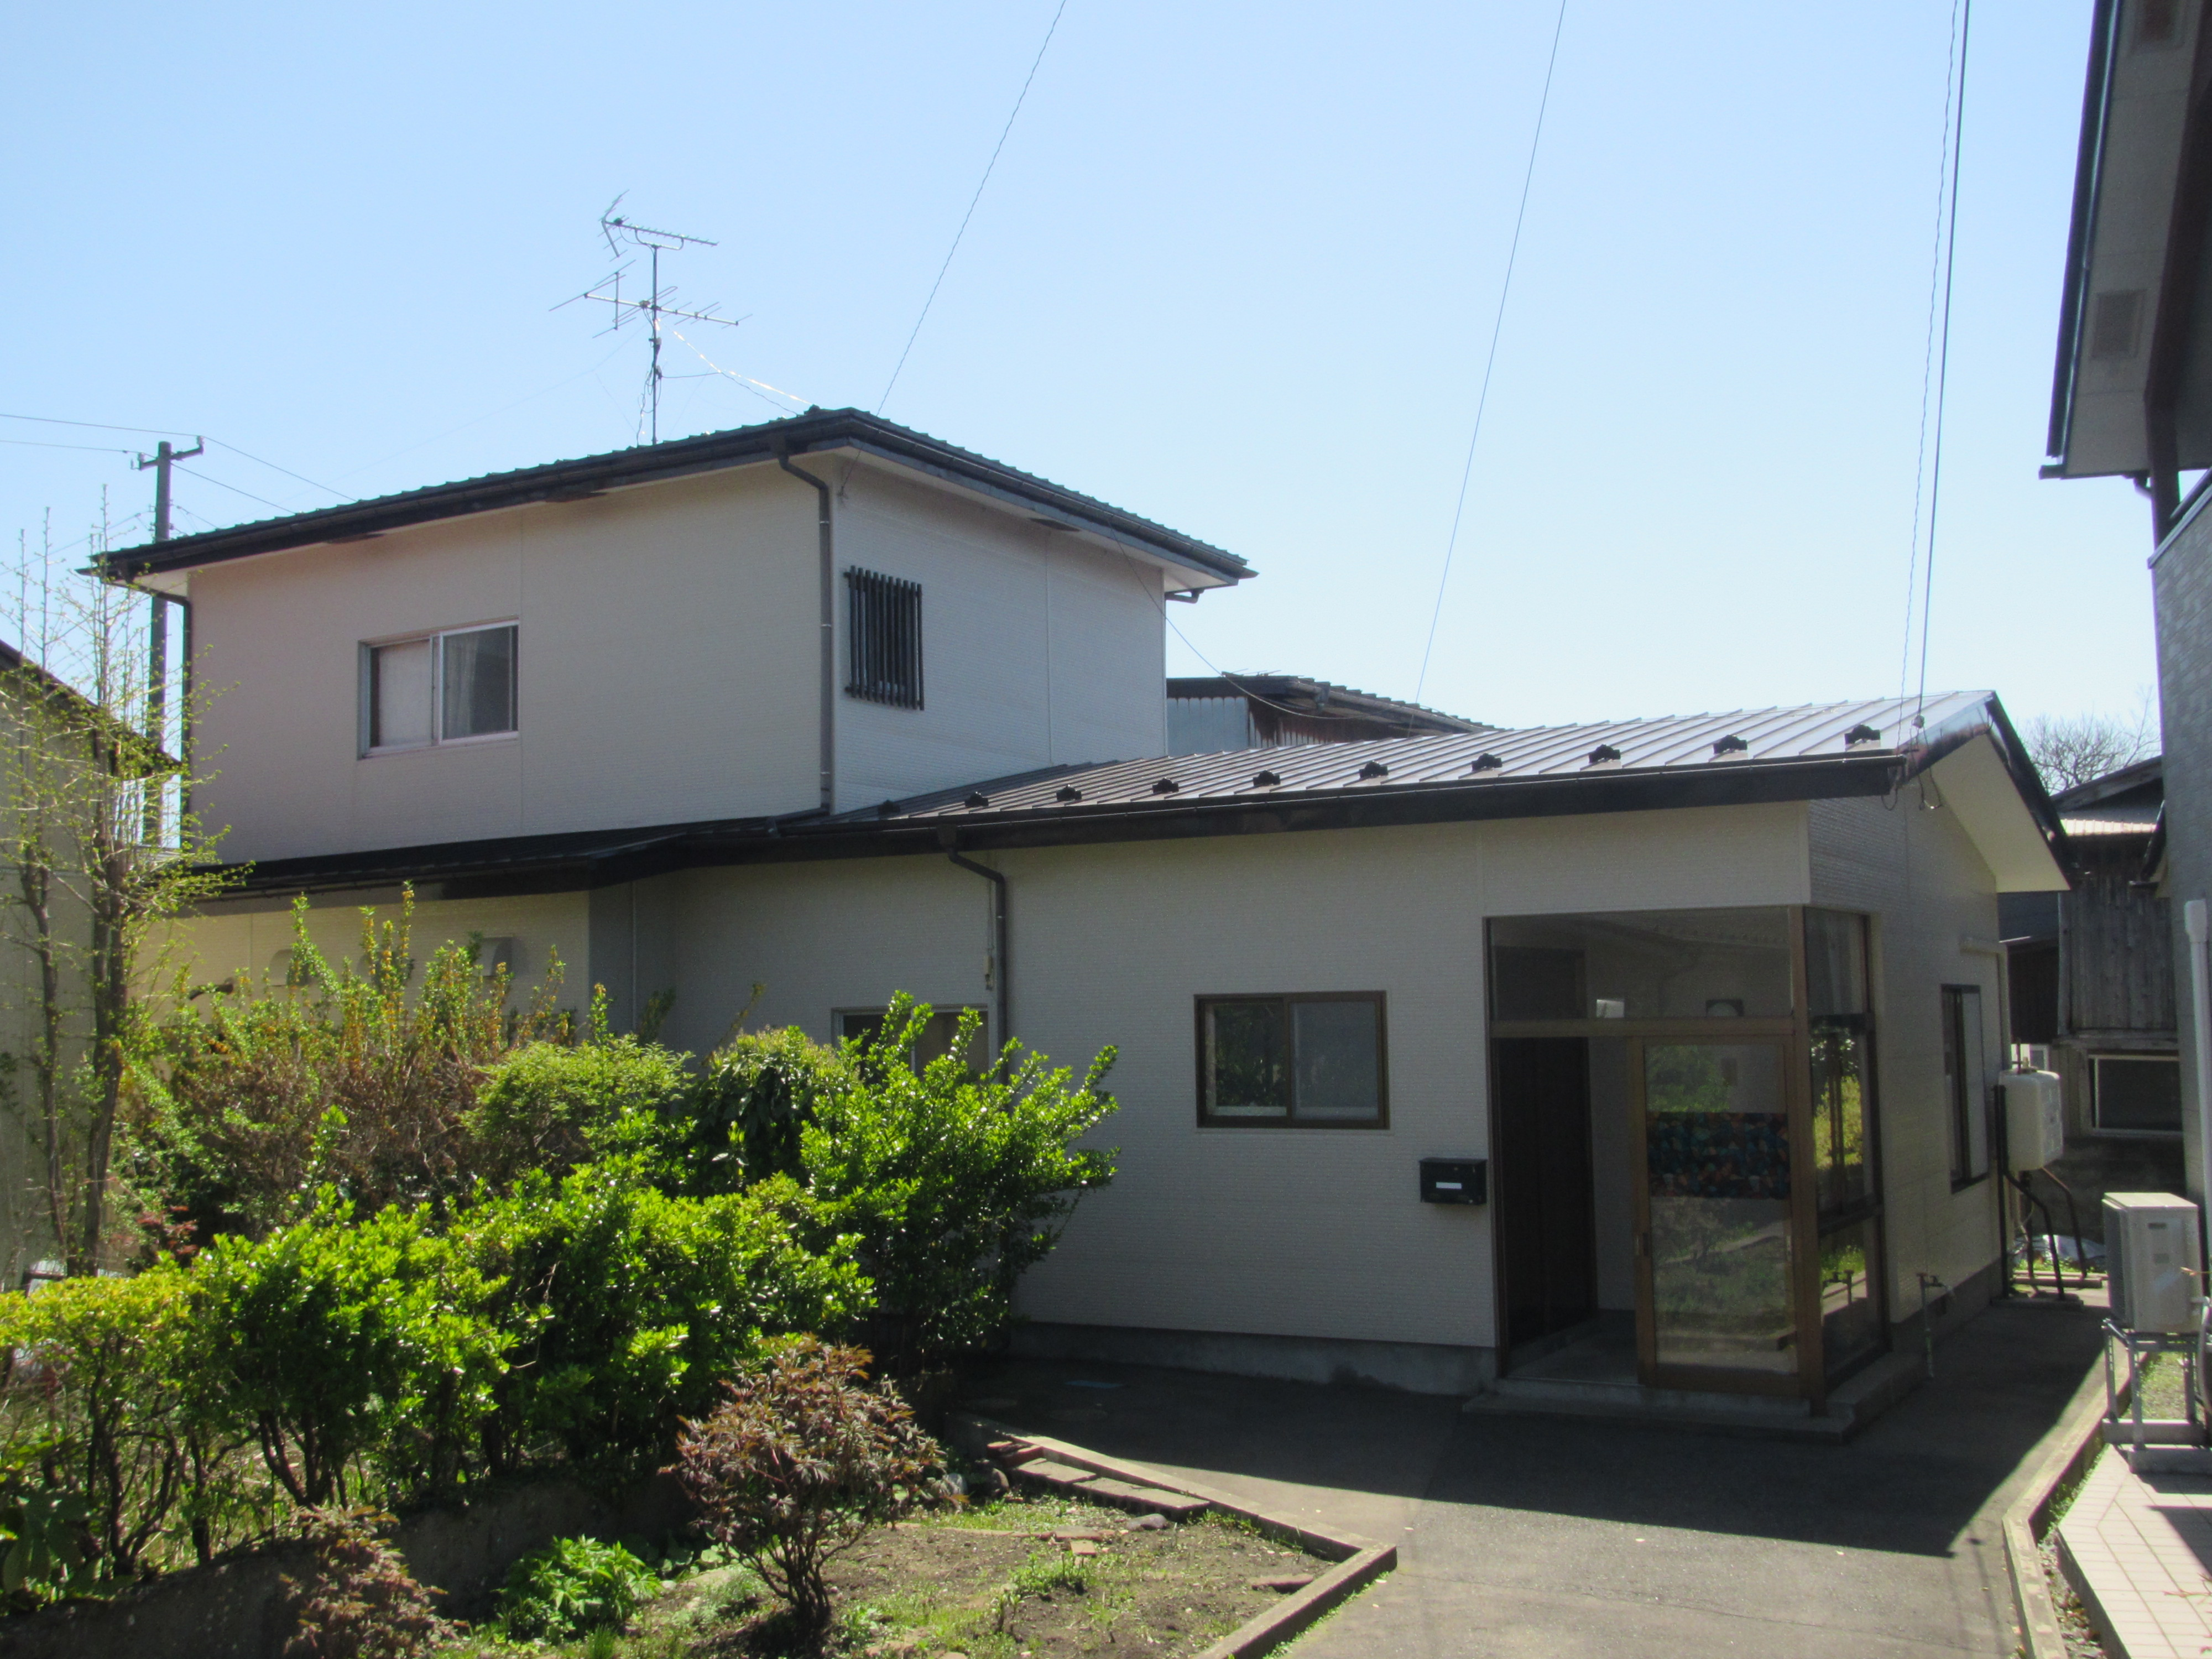 耐久性の高いスーパームキコートで屋根・外壁塗装